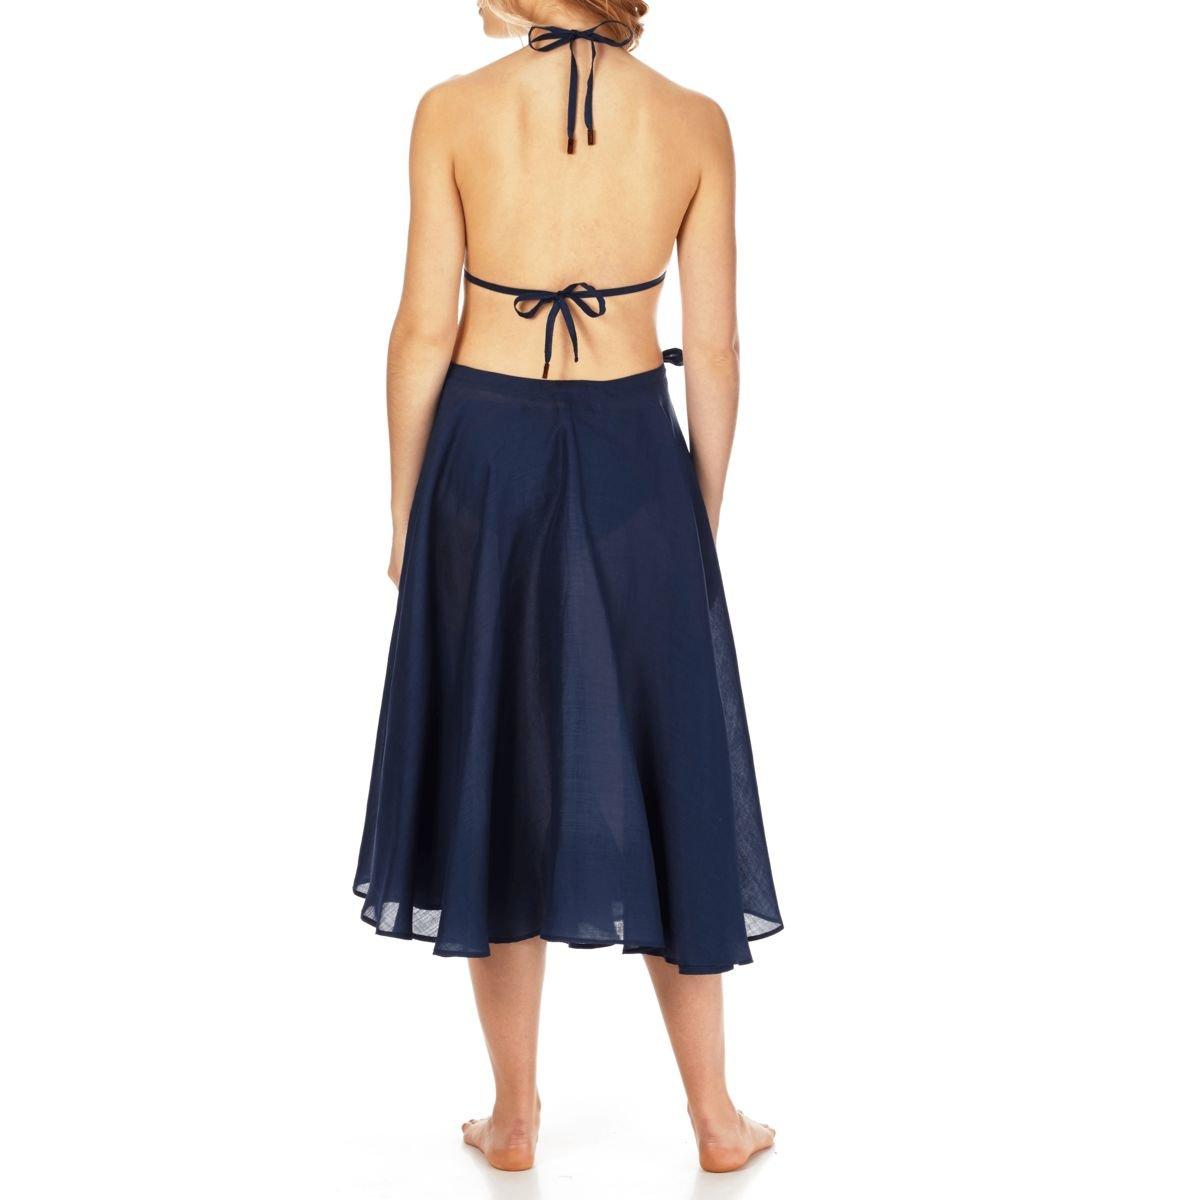 413d25272787a7 Vilebrequin - Jupe paréo Longue en Voile de Lin Femme Unie: Amazon ...